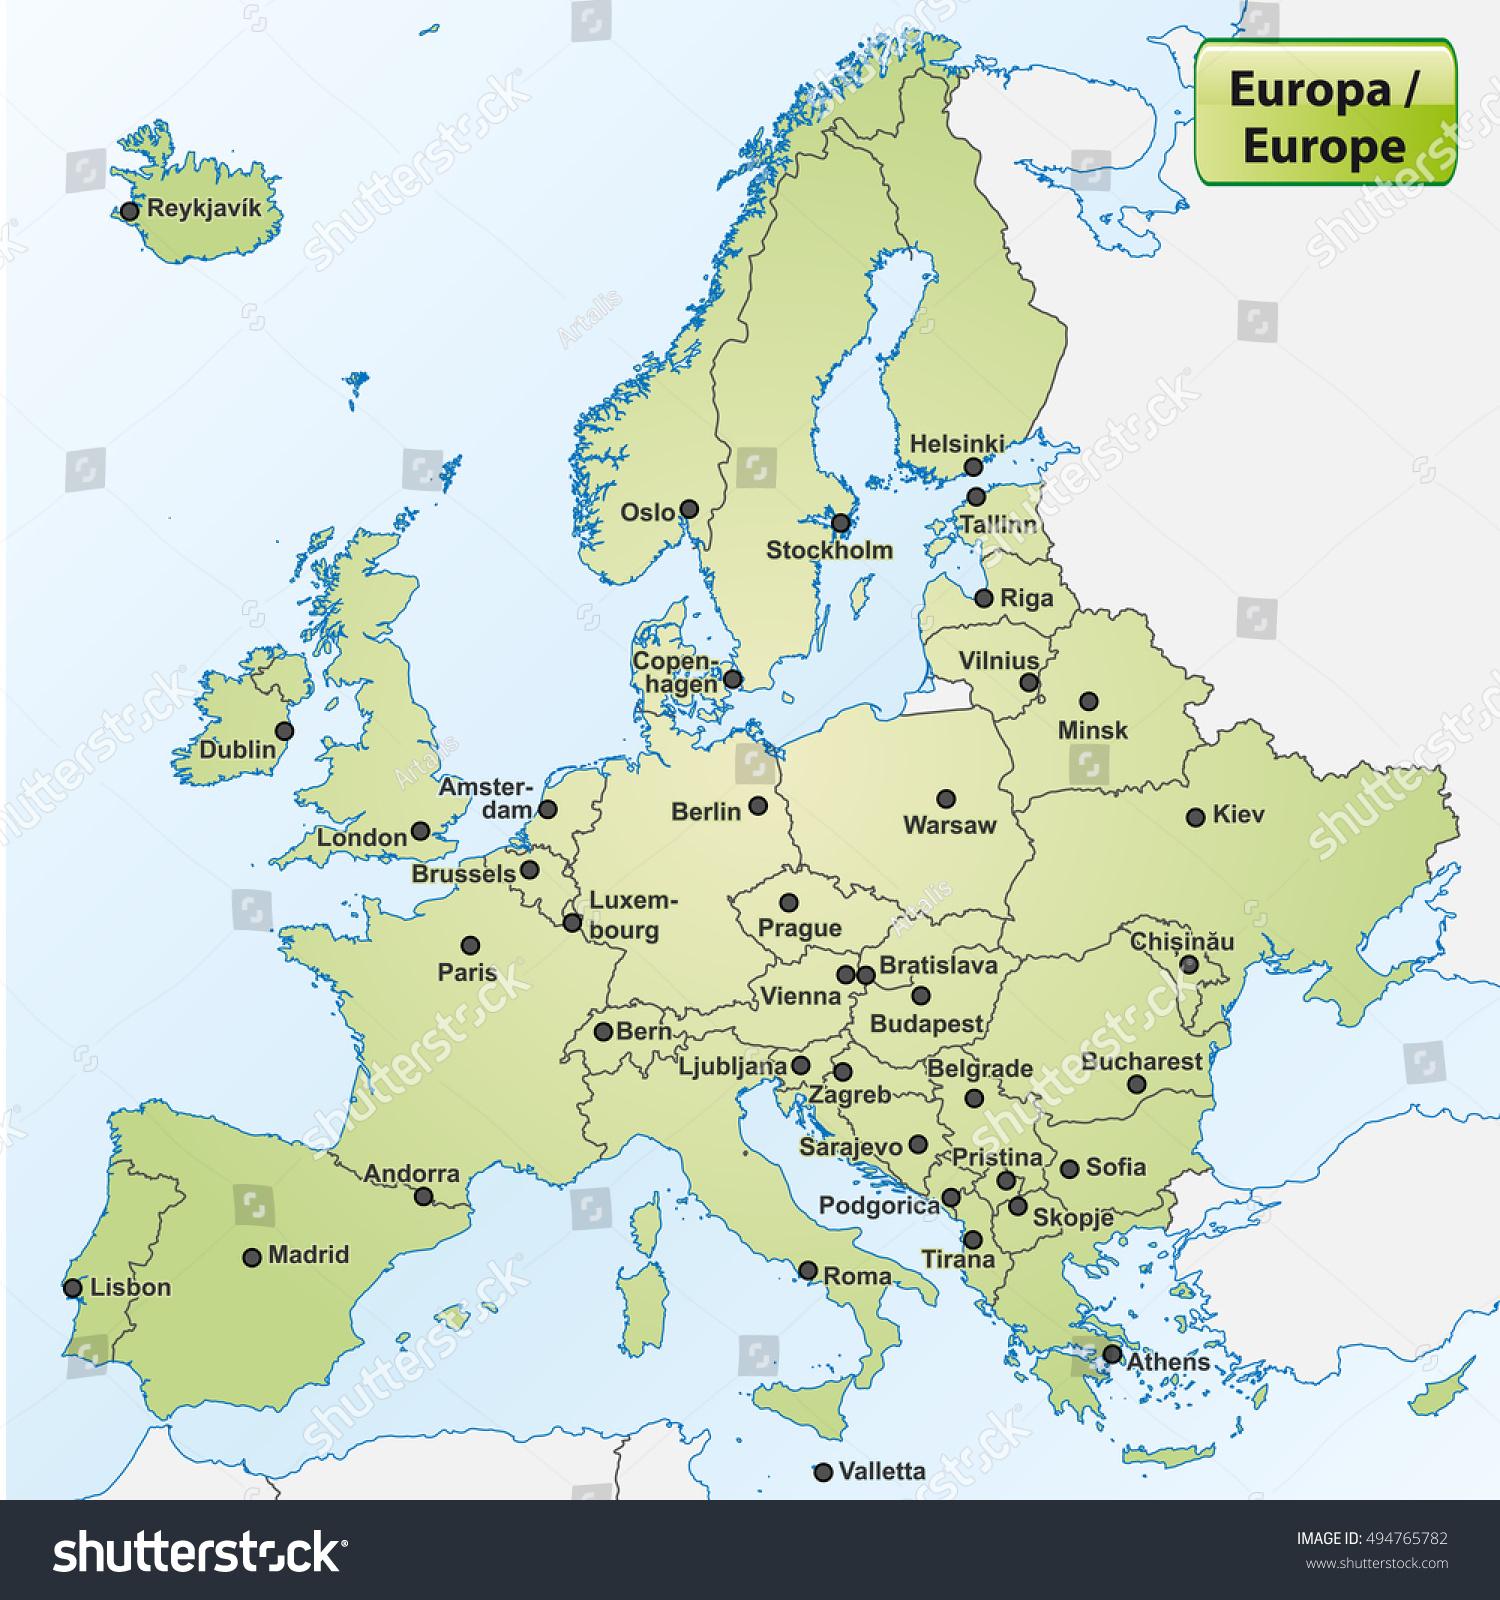 Image Vectorielle De Stock De Carte De L'europe Avec Les à Carte De L Europe Avec Capitale